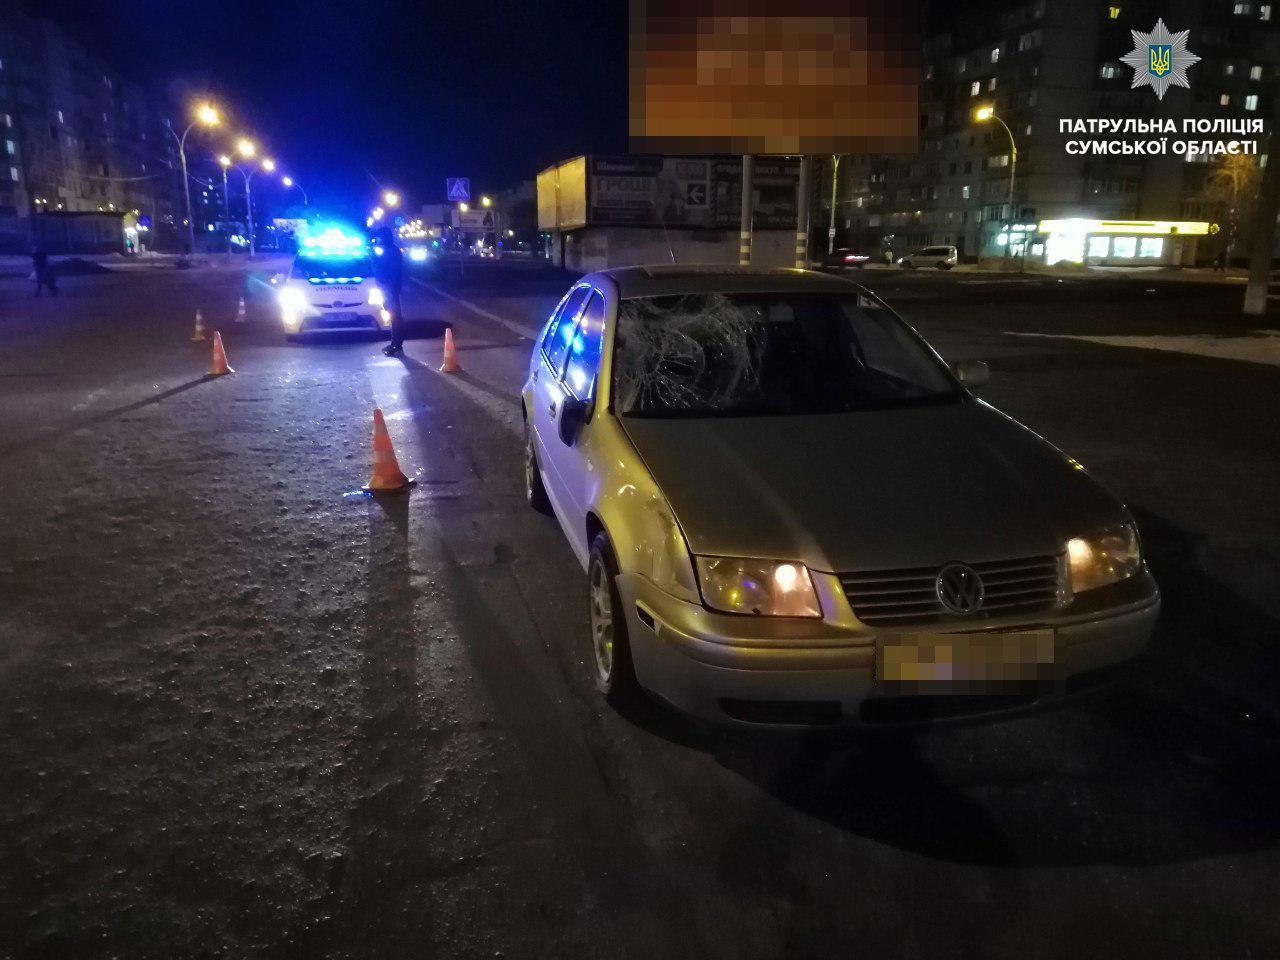 В Сумах под колесами авто погиб пешеход, фото-2